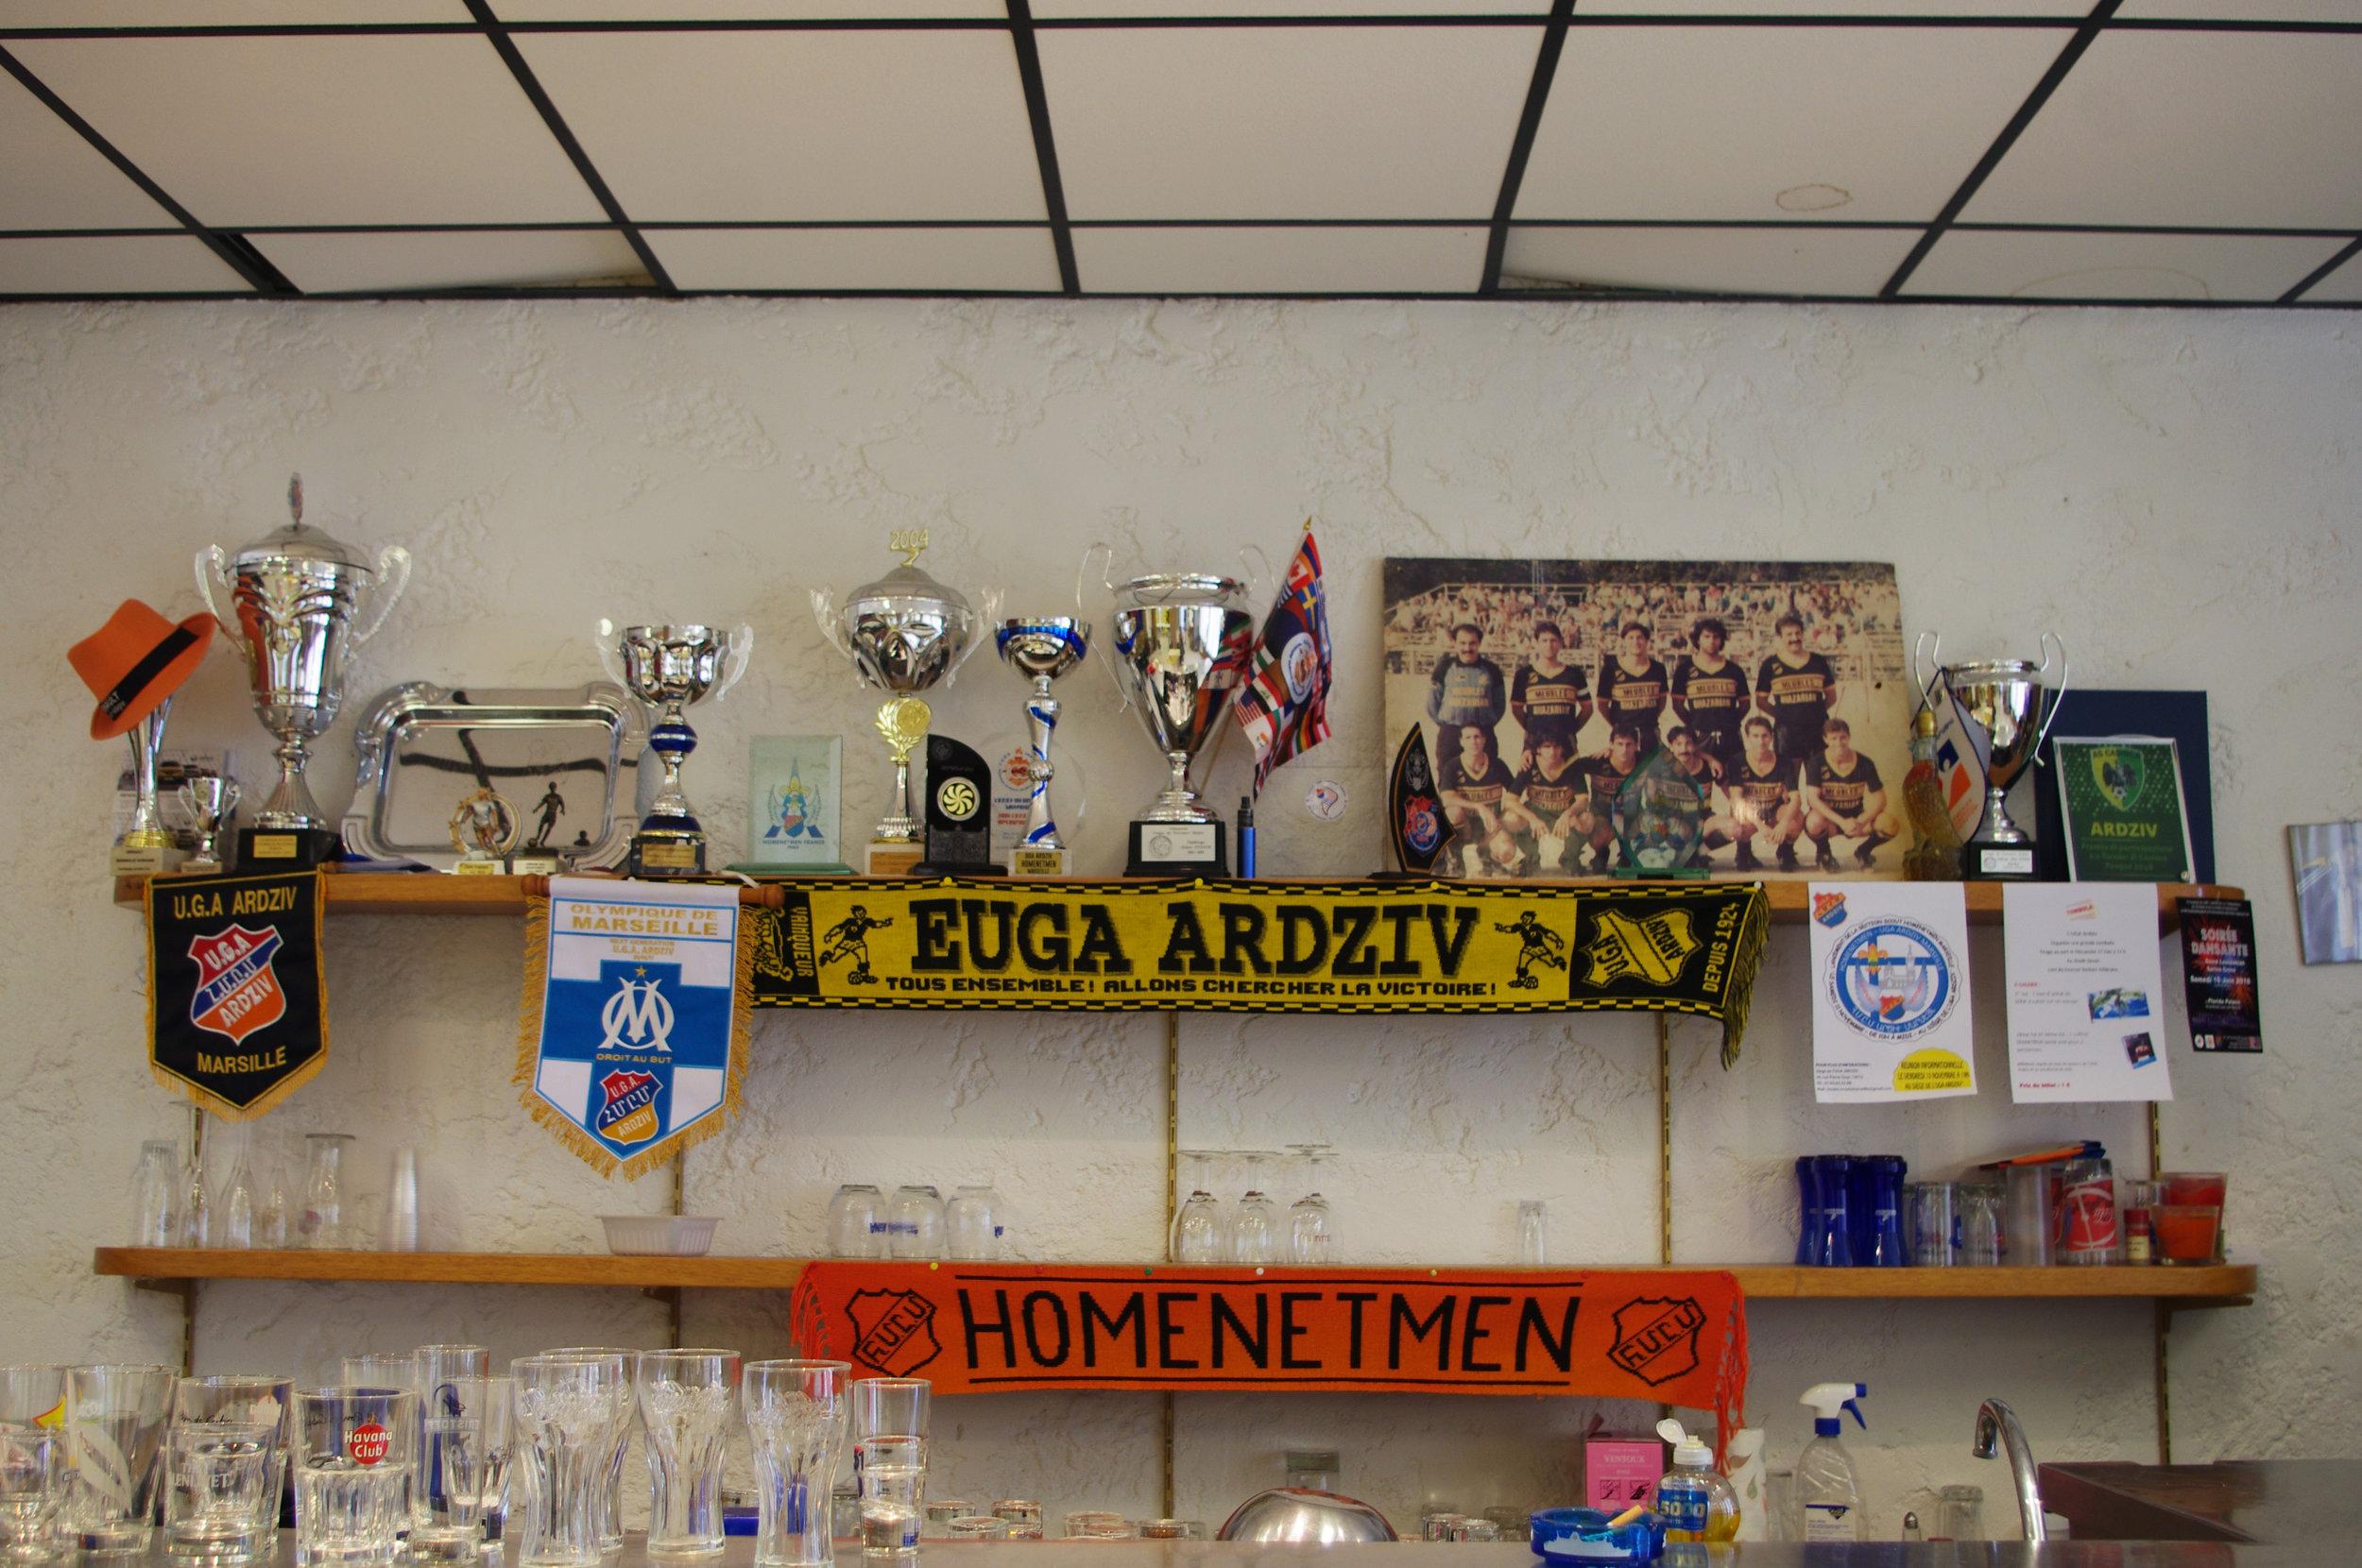 Club de football arménien à Marseille UGA Ardziv